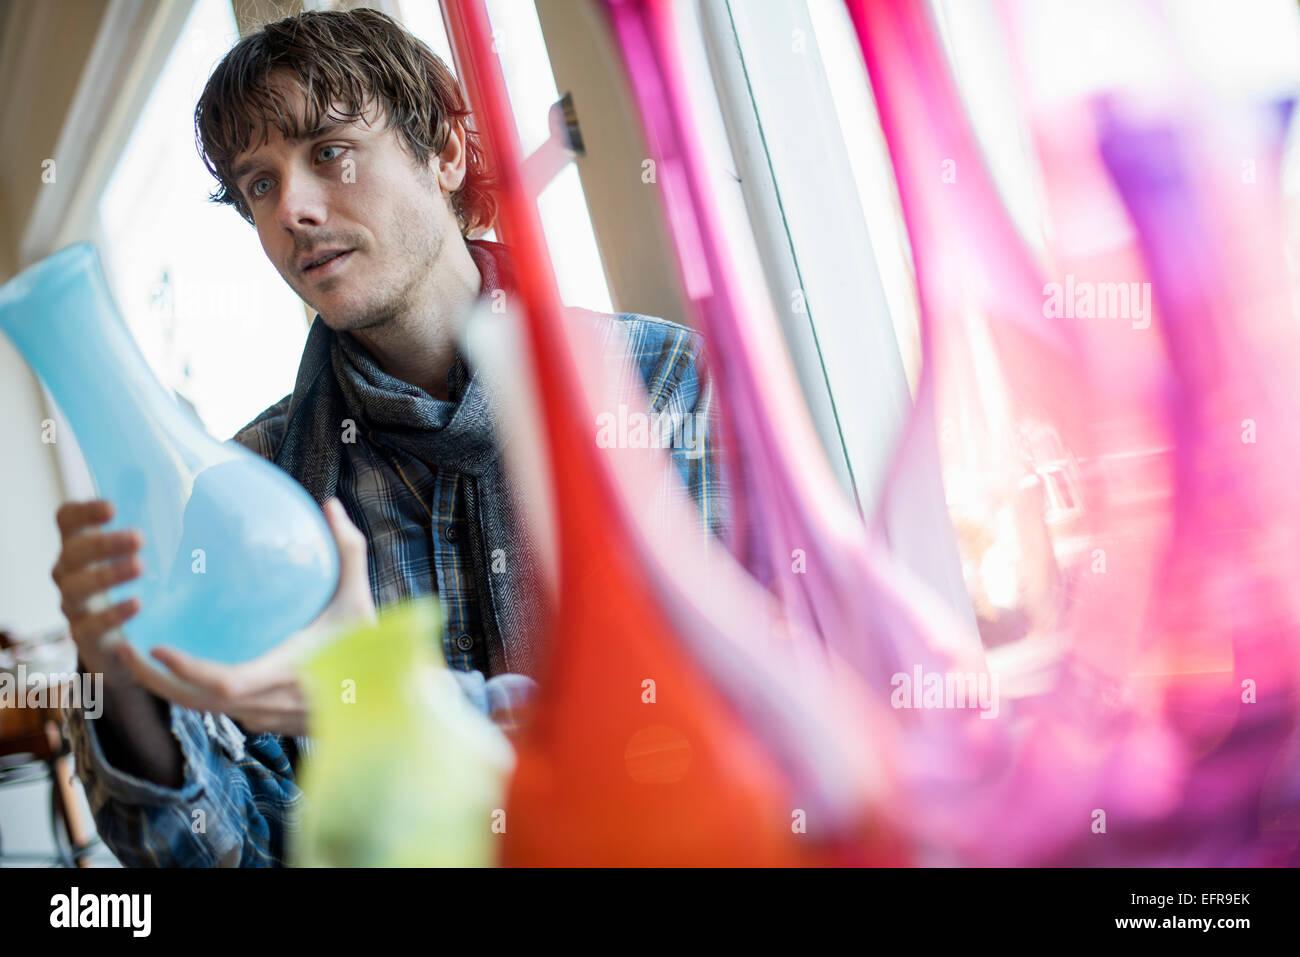 Homme debout dans un salon, tenant un vase de verre bleu. Vases rouges et roses au premier plan. Photo Stock